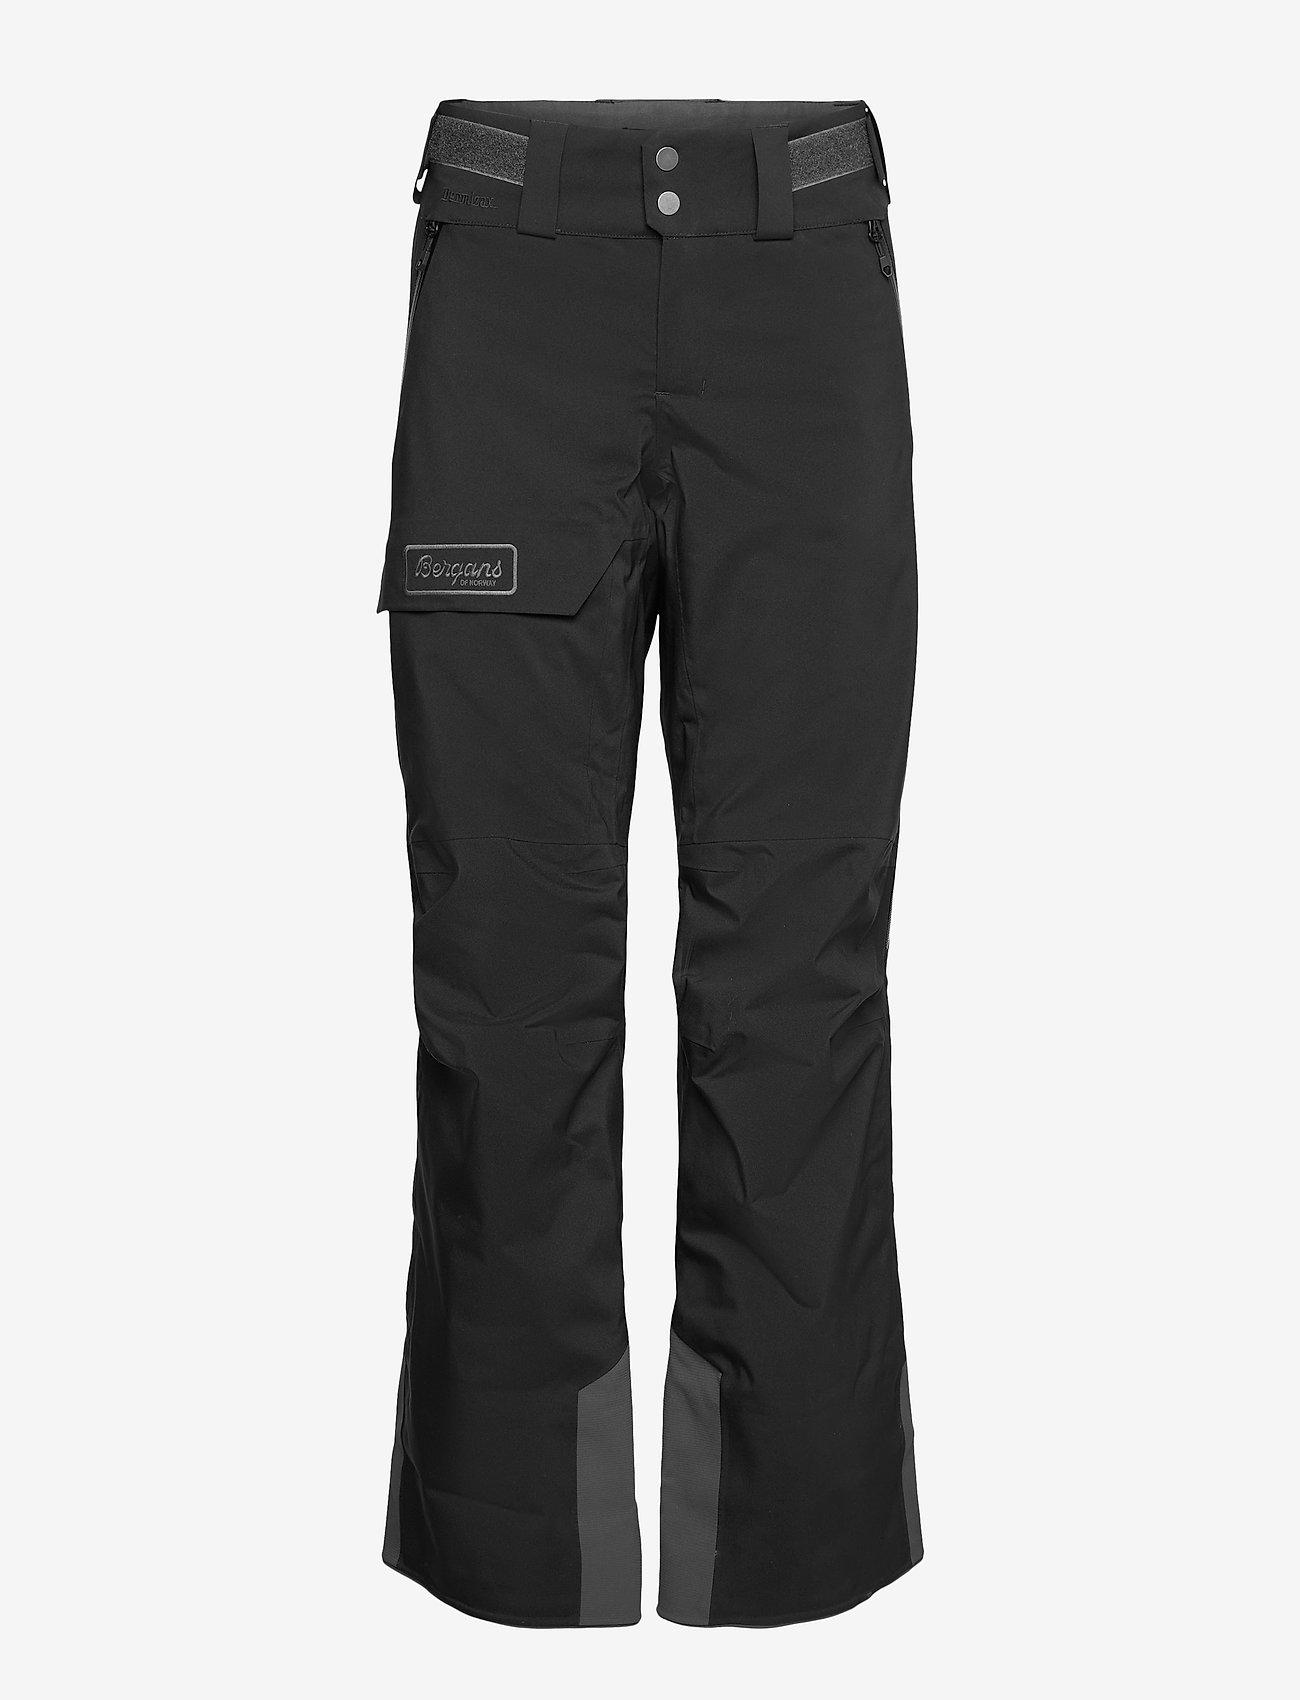 Bergans - Myrkdalen V2 Insulated W Pnt - skibroeken - black/solidcharcoal - 0